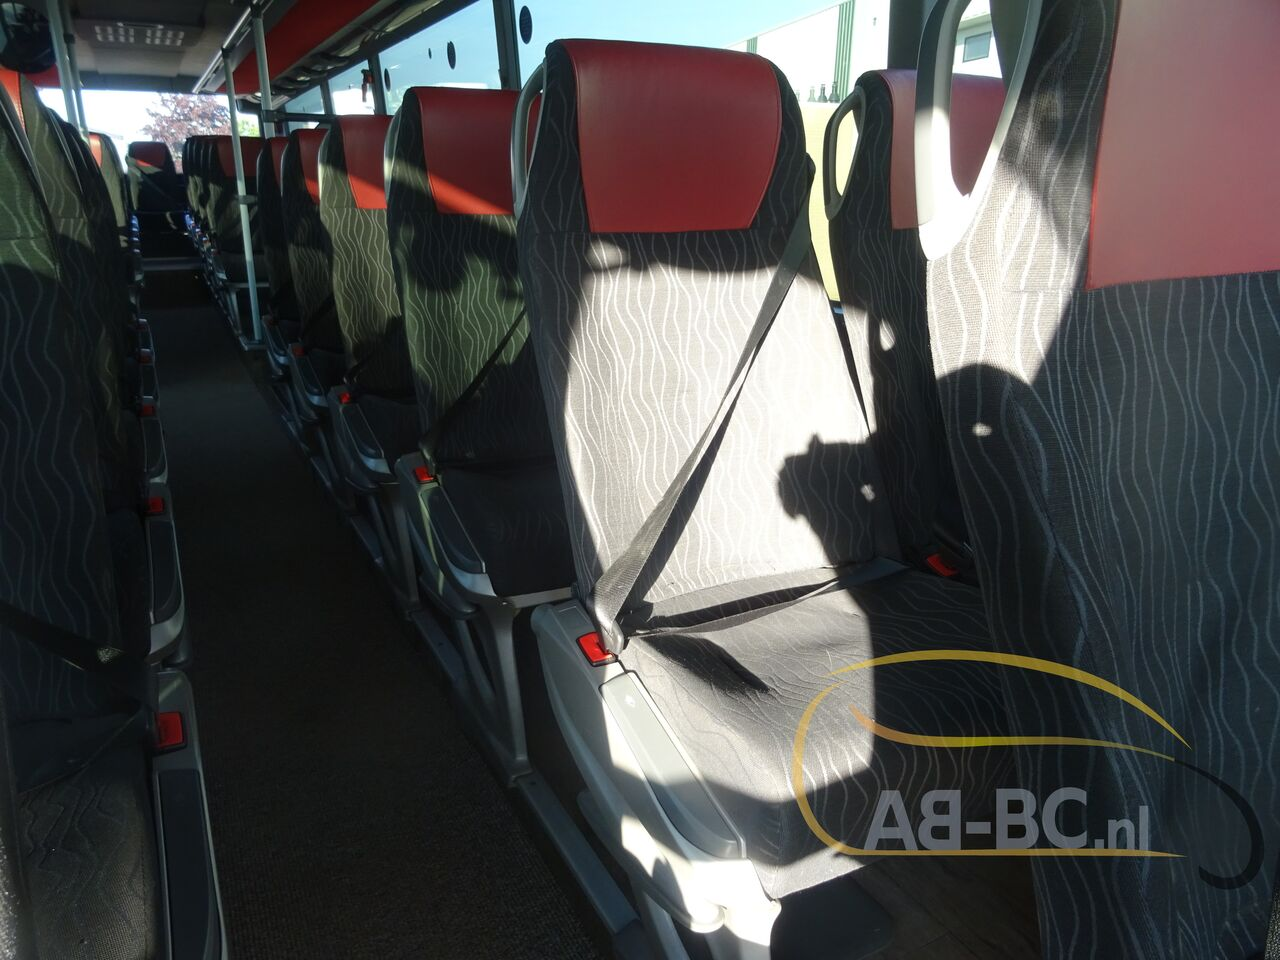 coach-bus-SETRA-S415H-52-Seats-EURO-6-Liftbus---1630913383342993470_big_cd1430b411f4eb0d81f1cfec3c9f08ef--21070517141280735500